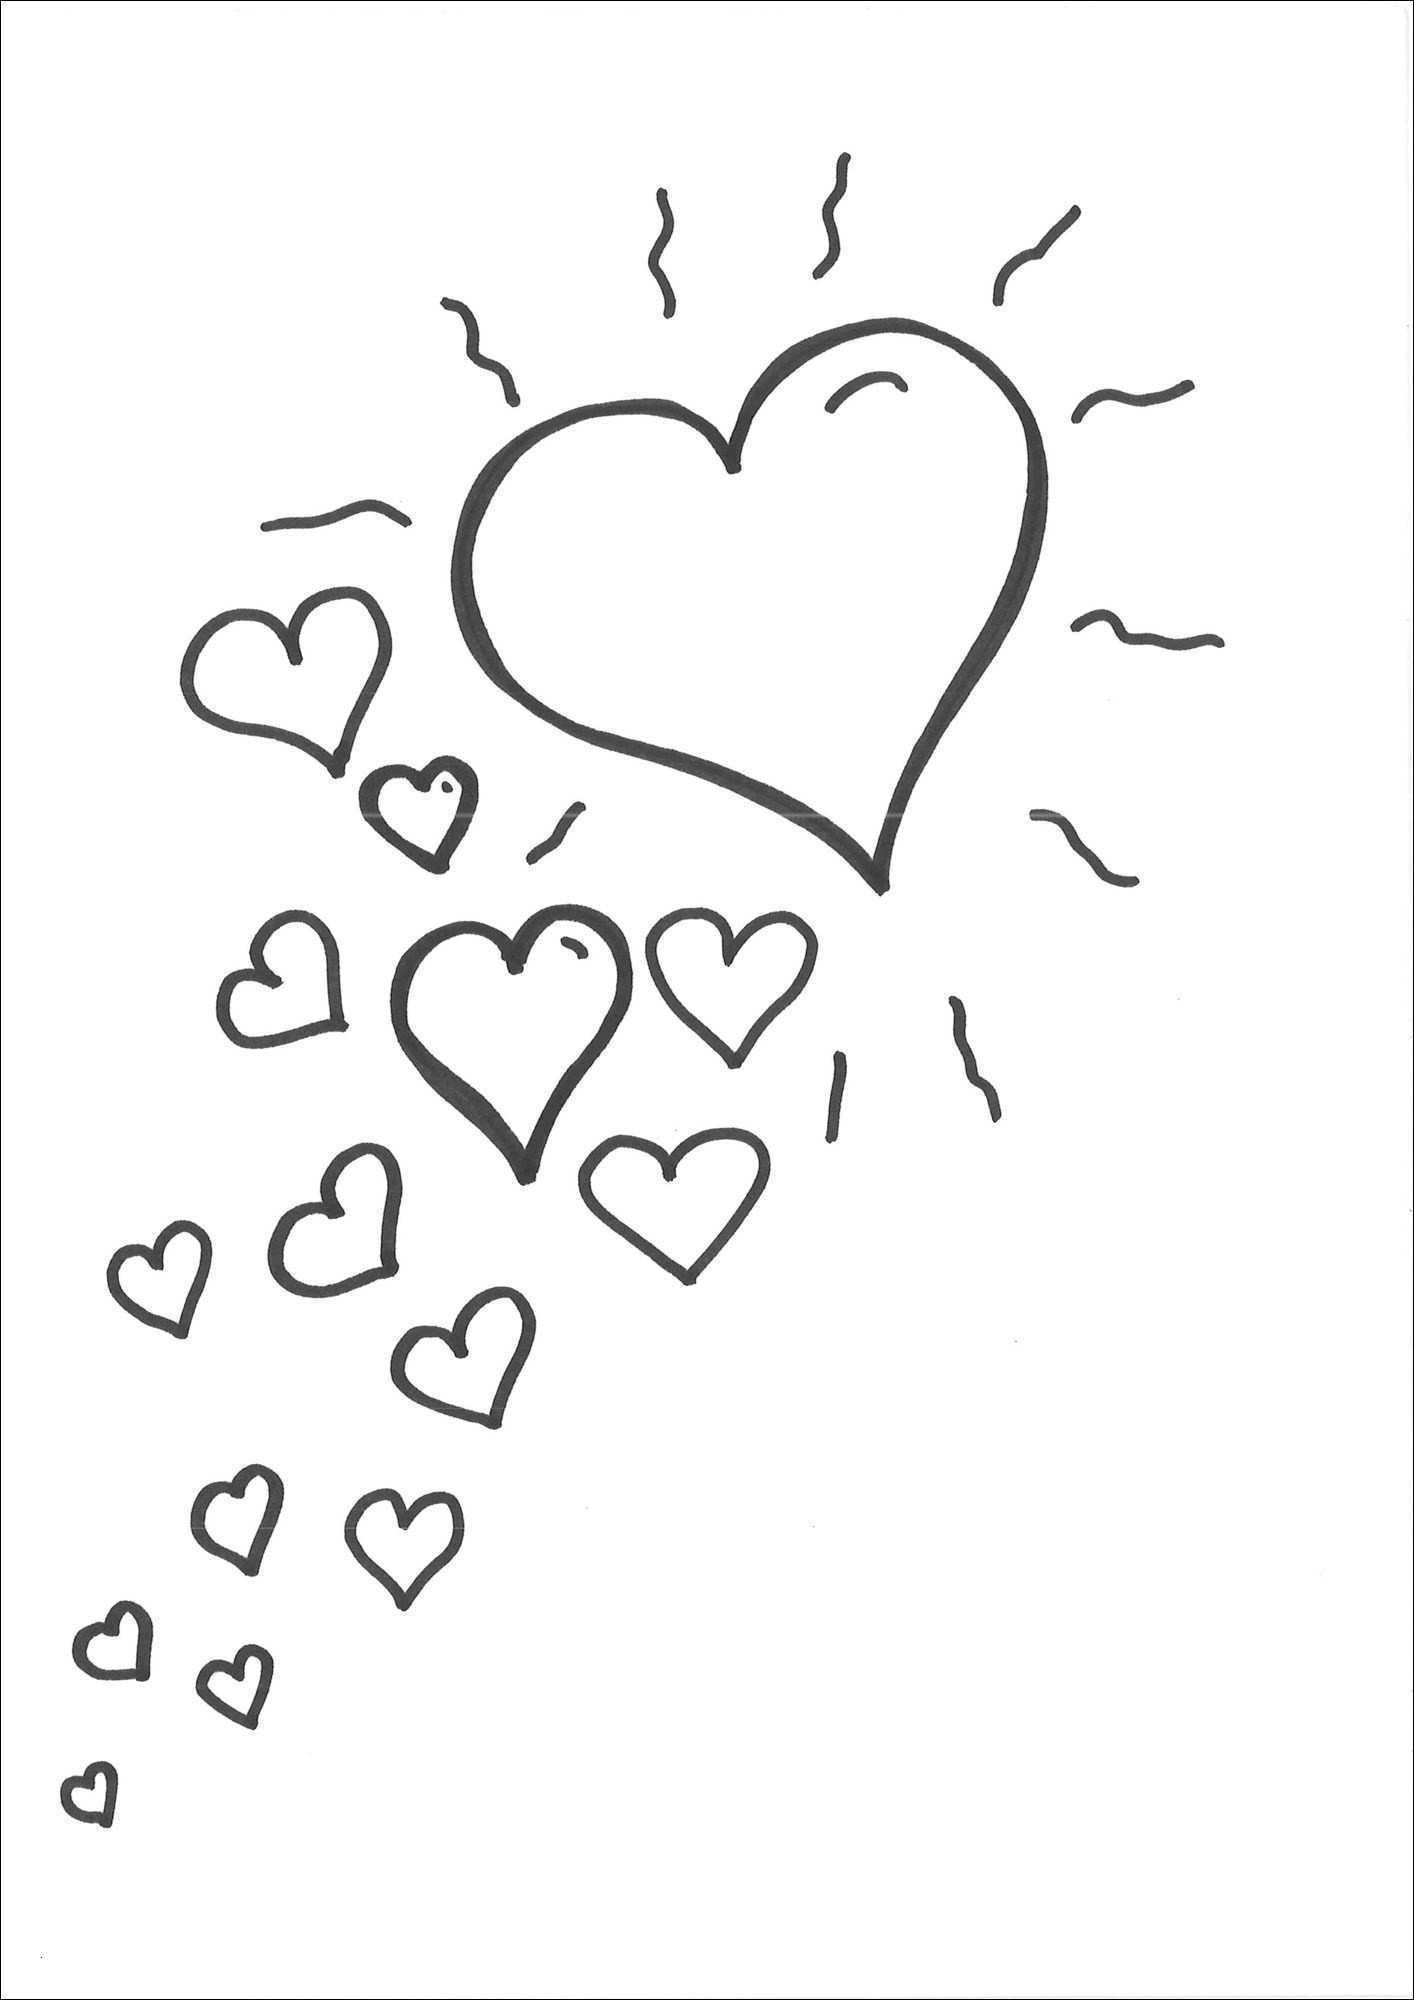 Ausmalbilder Mandala Herzen Frisch Malvorlagen Herzen Kostenlos Ausdrucken Aufnahme Mandala Herz Stock